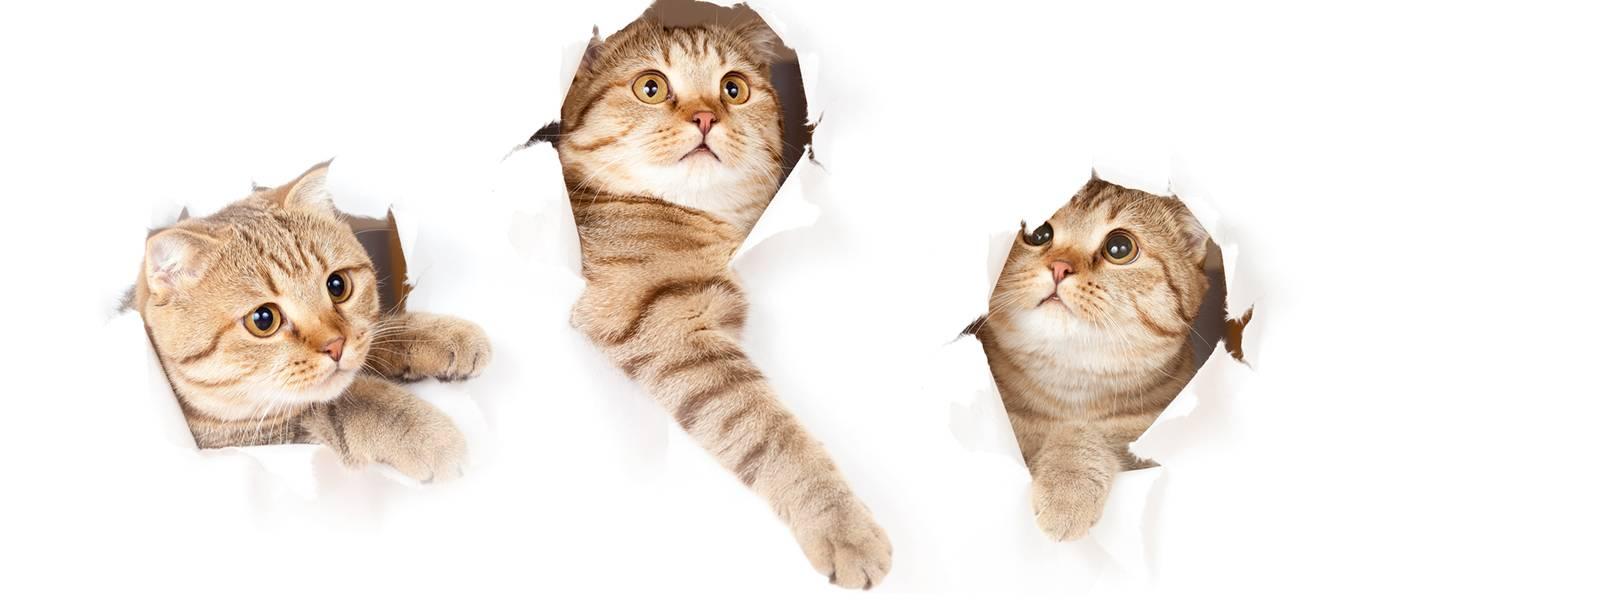 Как отучить кошку драть мебель и обои: 3 верных способа